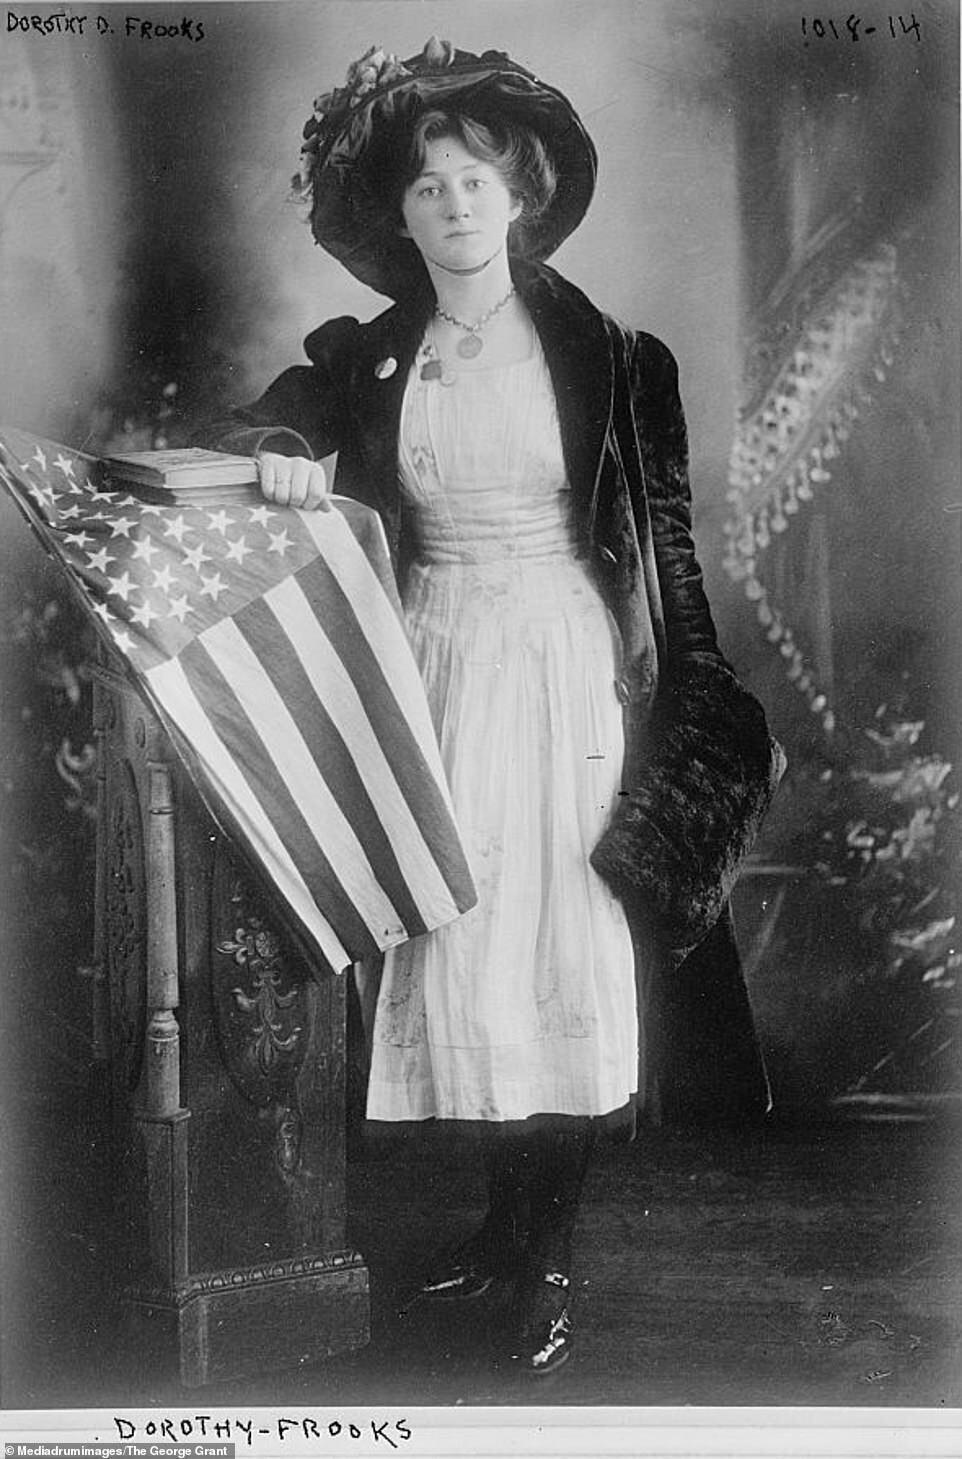 Дороті Фрукс була письменником, видавцем, військовим офіцером